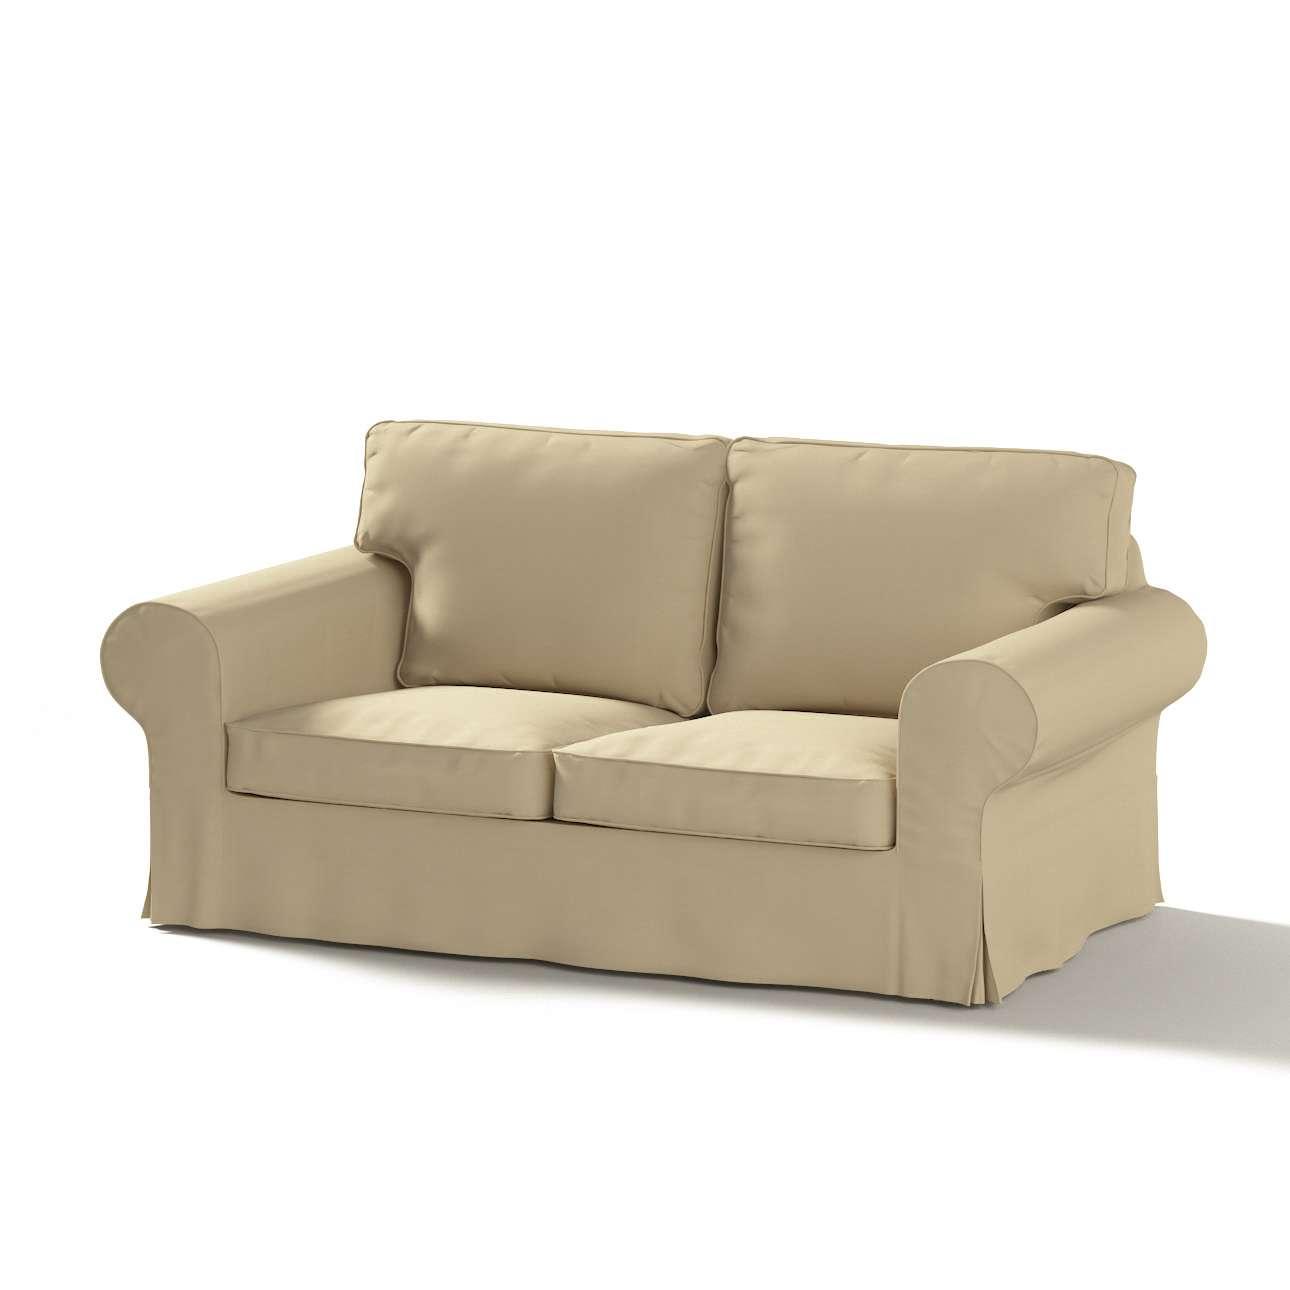 Pokrowiec na sofę Ektorp 2-osobową rozkładaną, model po 2012 w kolekcji Cotton Panama, tkanina: 702-01